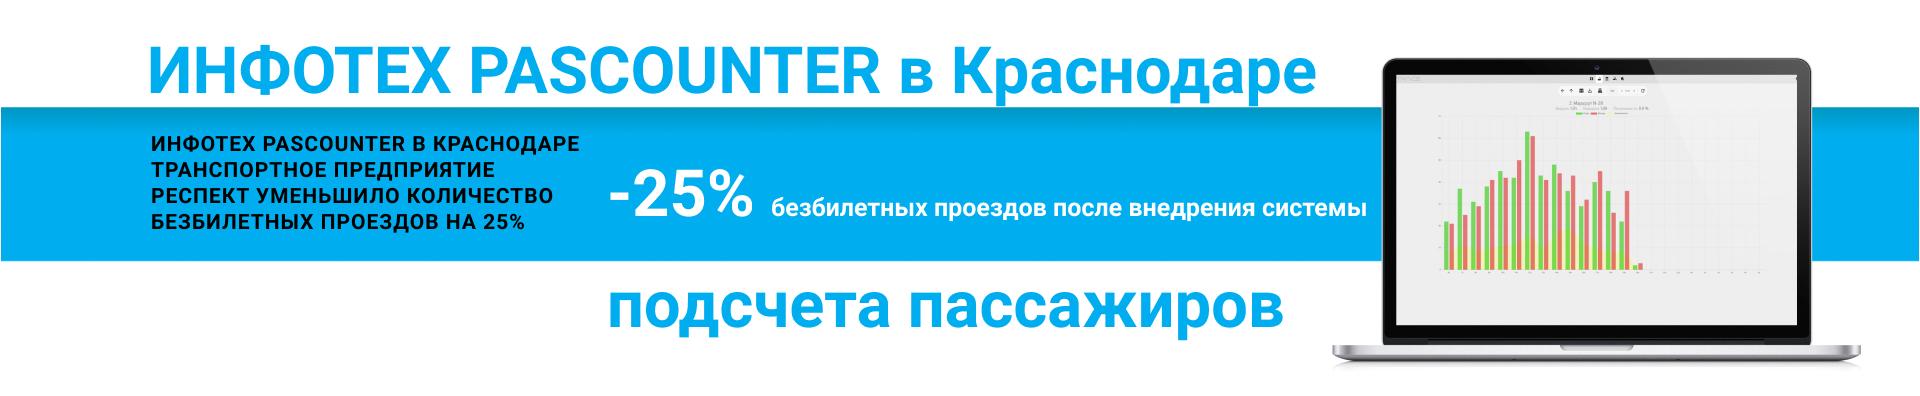 Транспортное предприятие РЕСПЕКТ уменьшило количество безбилетных проездов на 25%